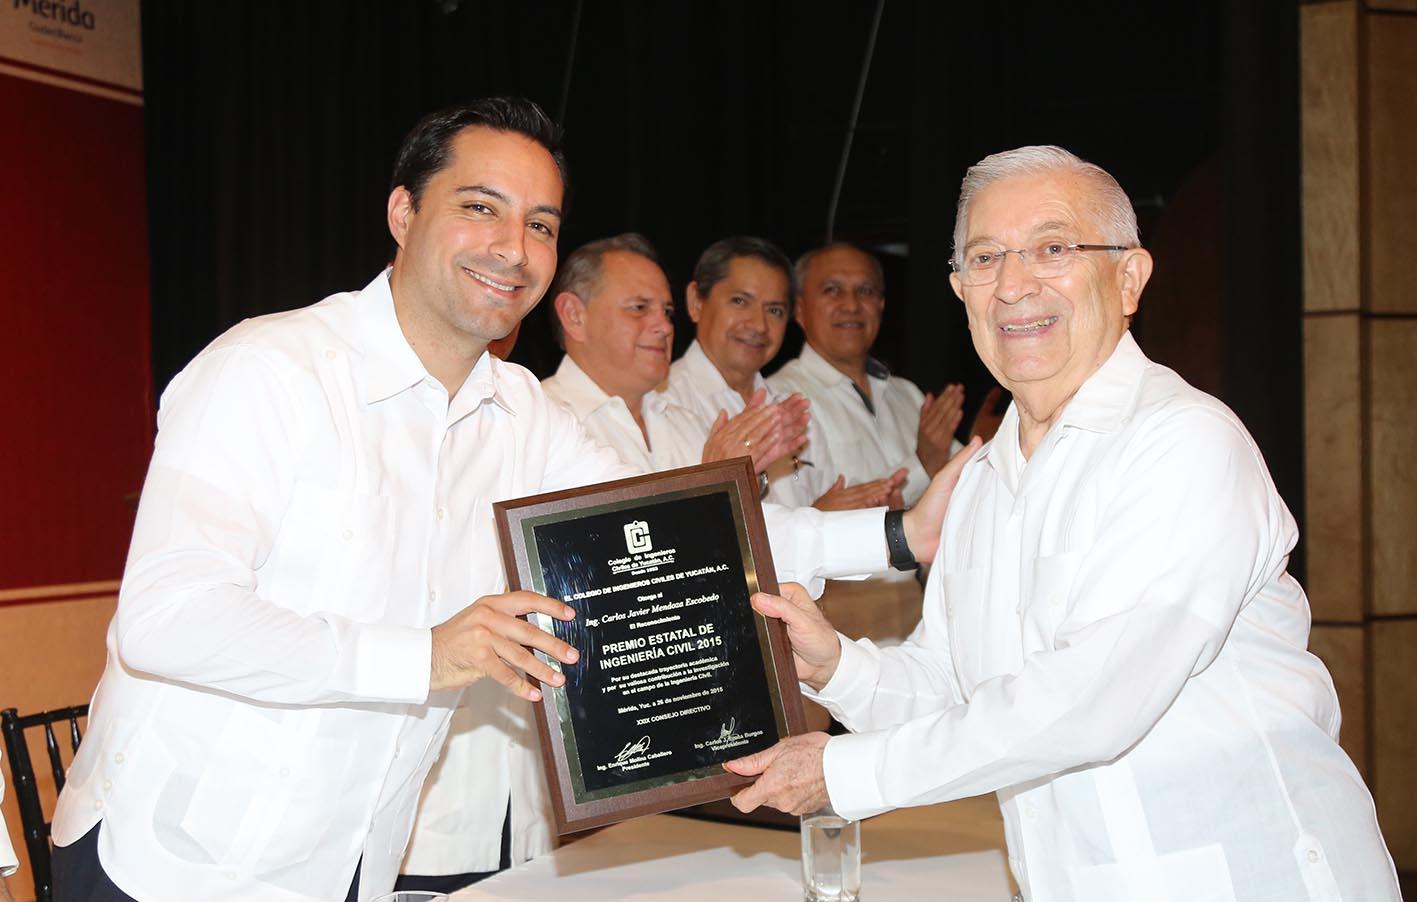 Reconocen a ingenieros civiles en Mérida